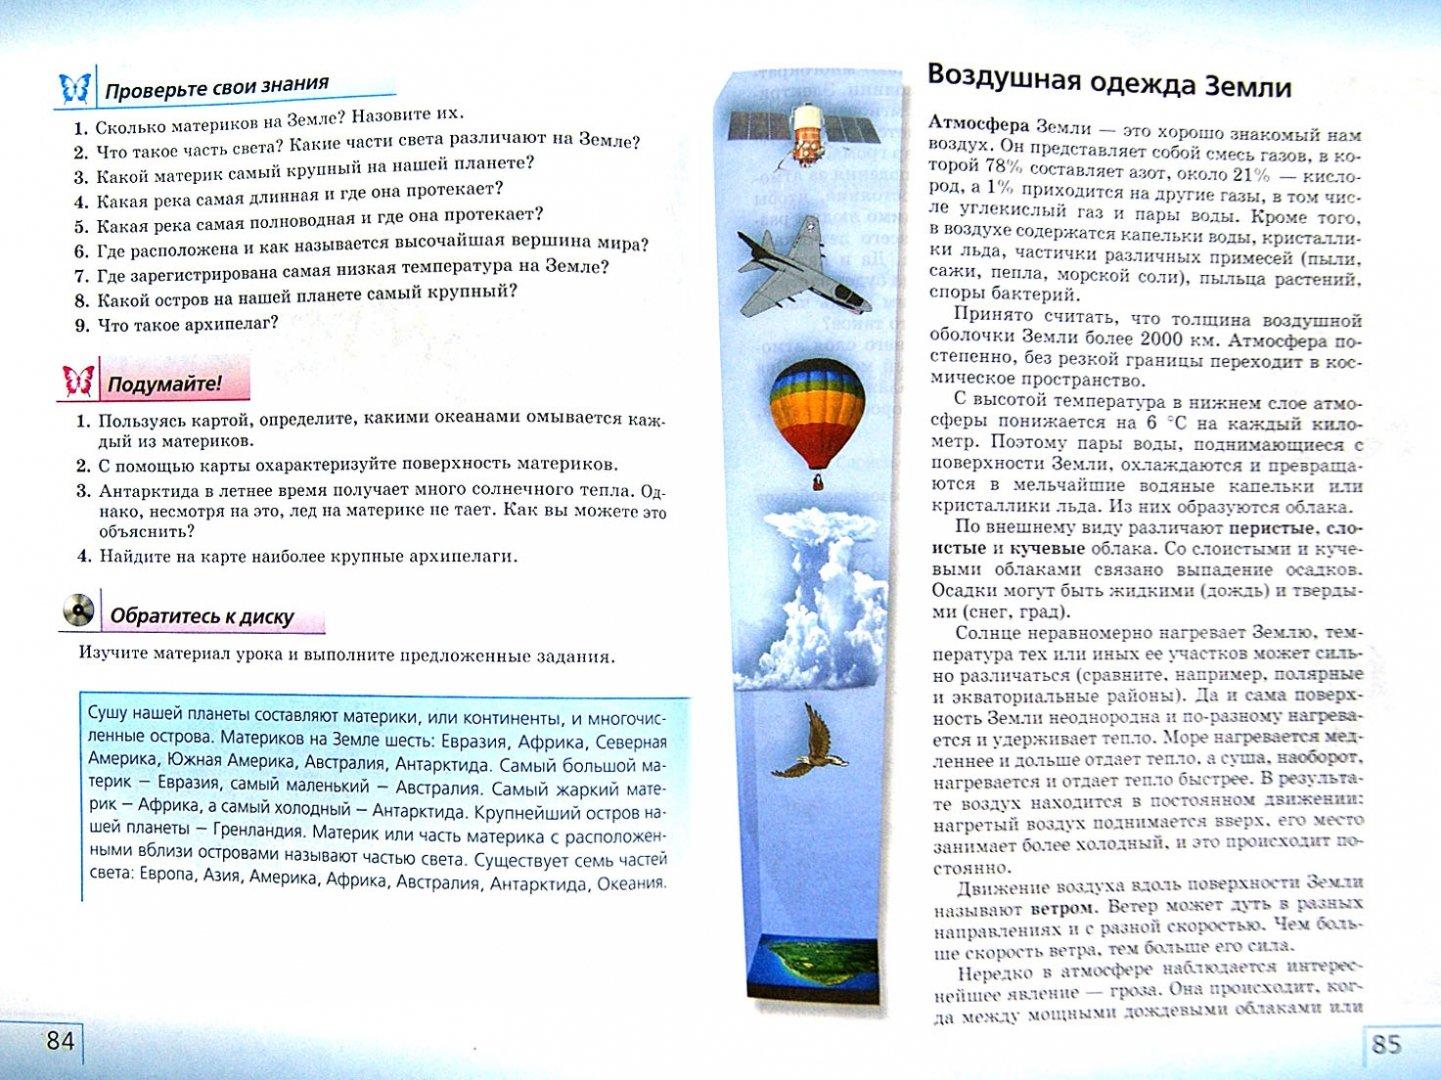 Иллюстрация 1 из 8 для Природоведение. 5 класс. Учебник для общеобразовательных учреждений - Плешаков, Сонин   Лабиринт - книги. Источник: Лабиринт